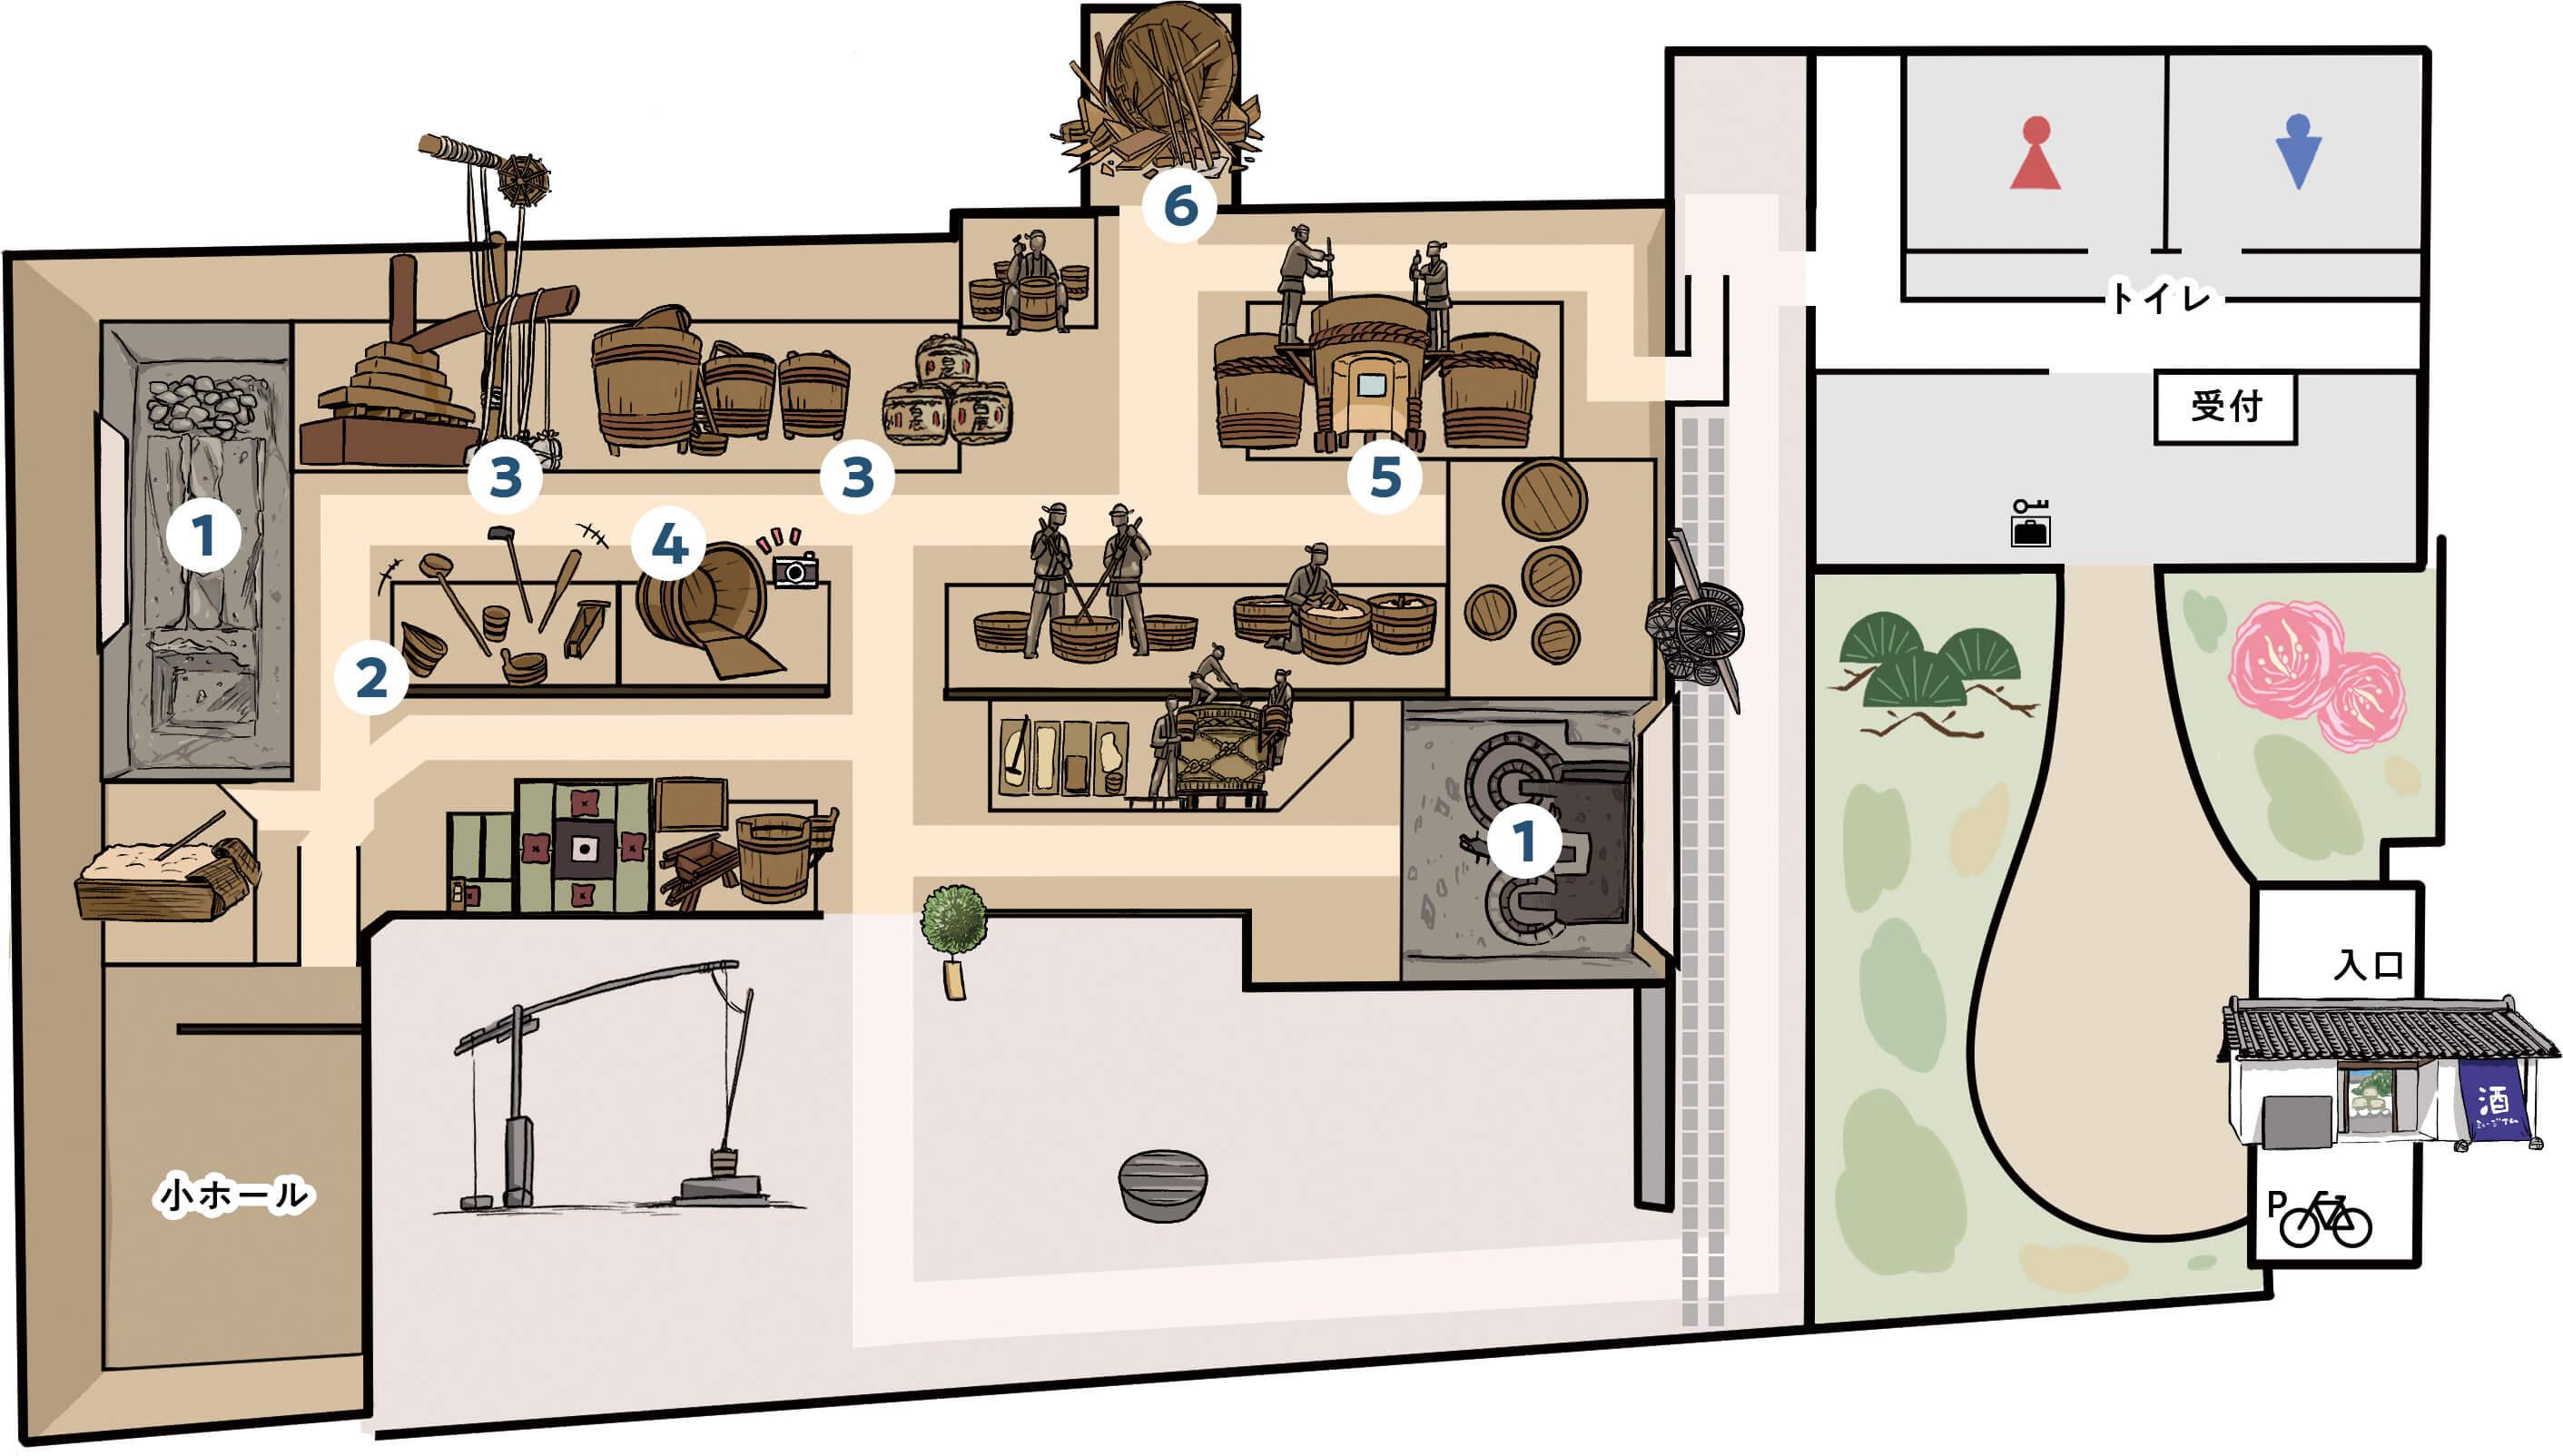 酒蔵館フロアマップ